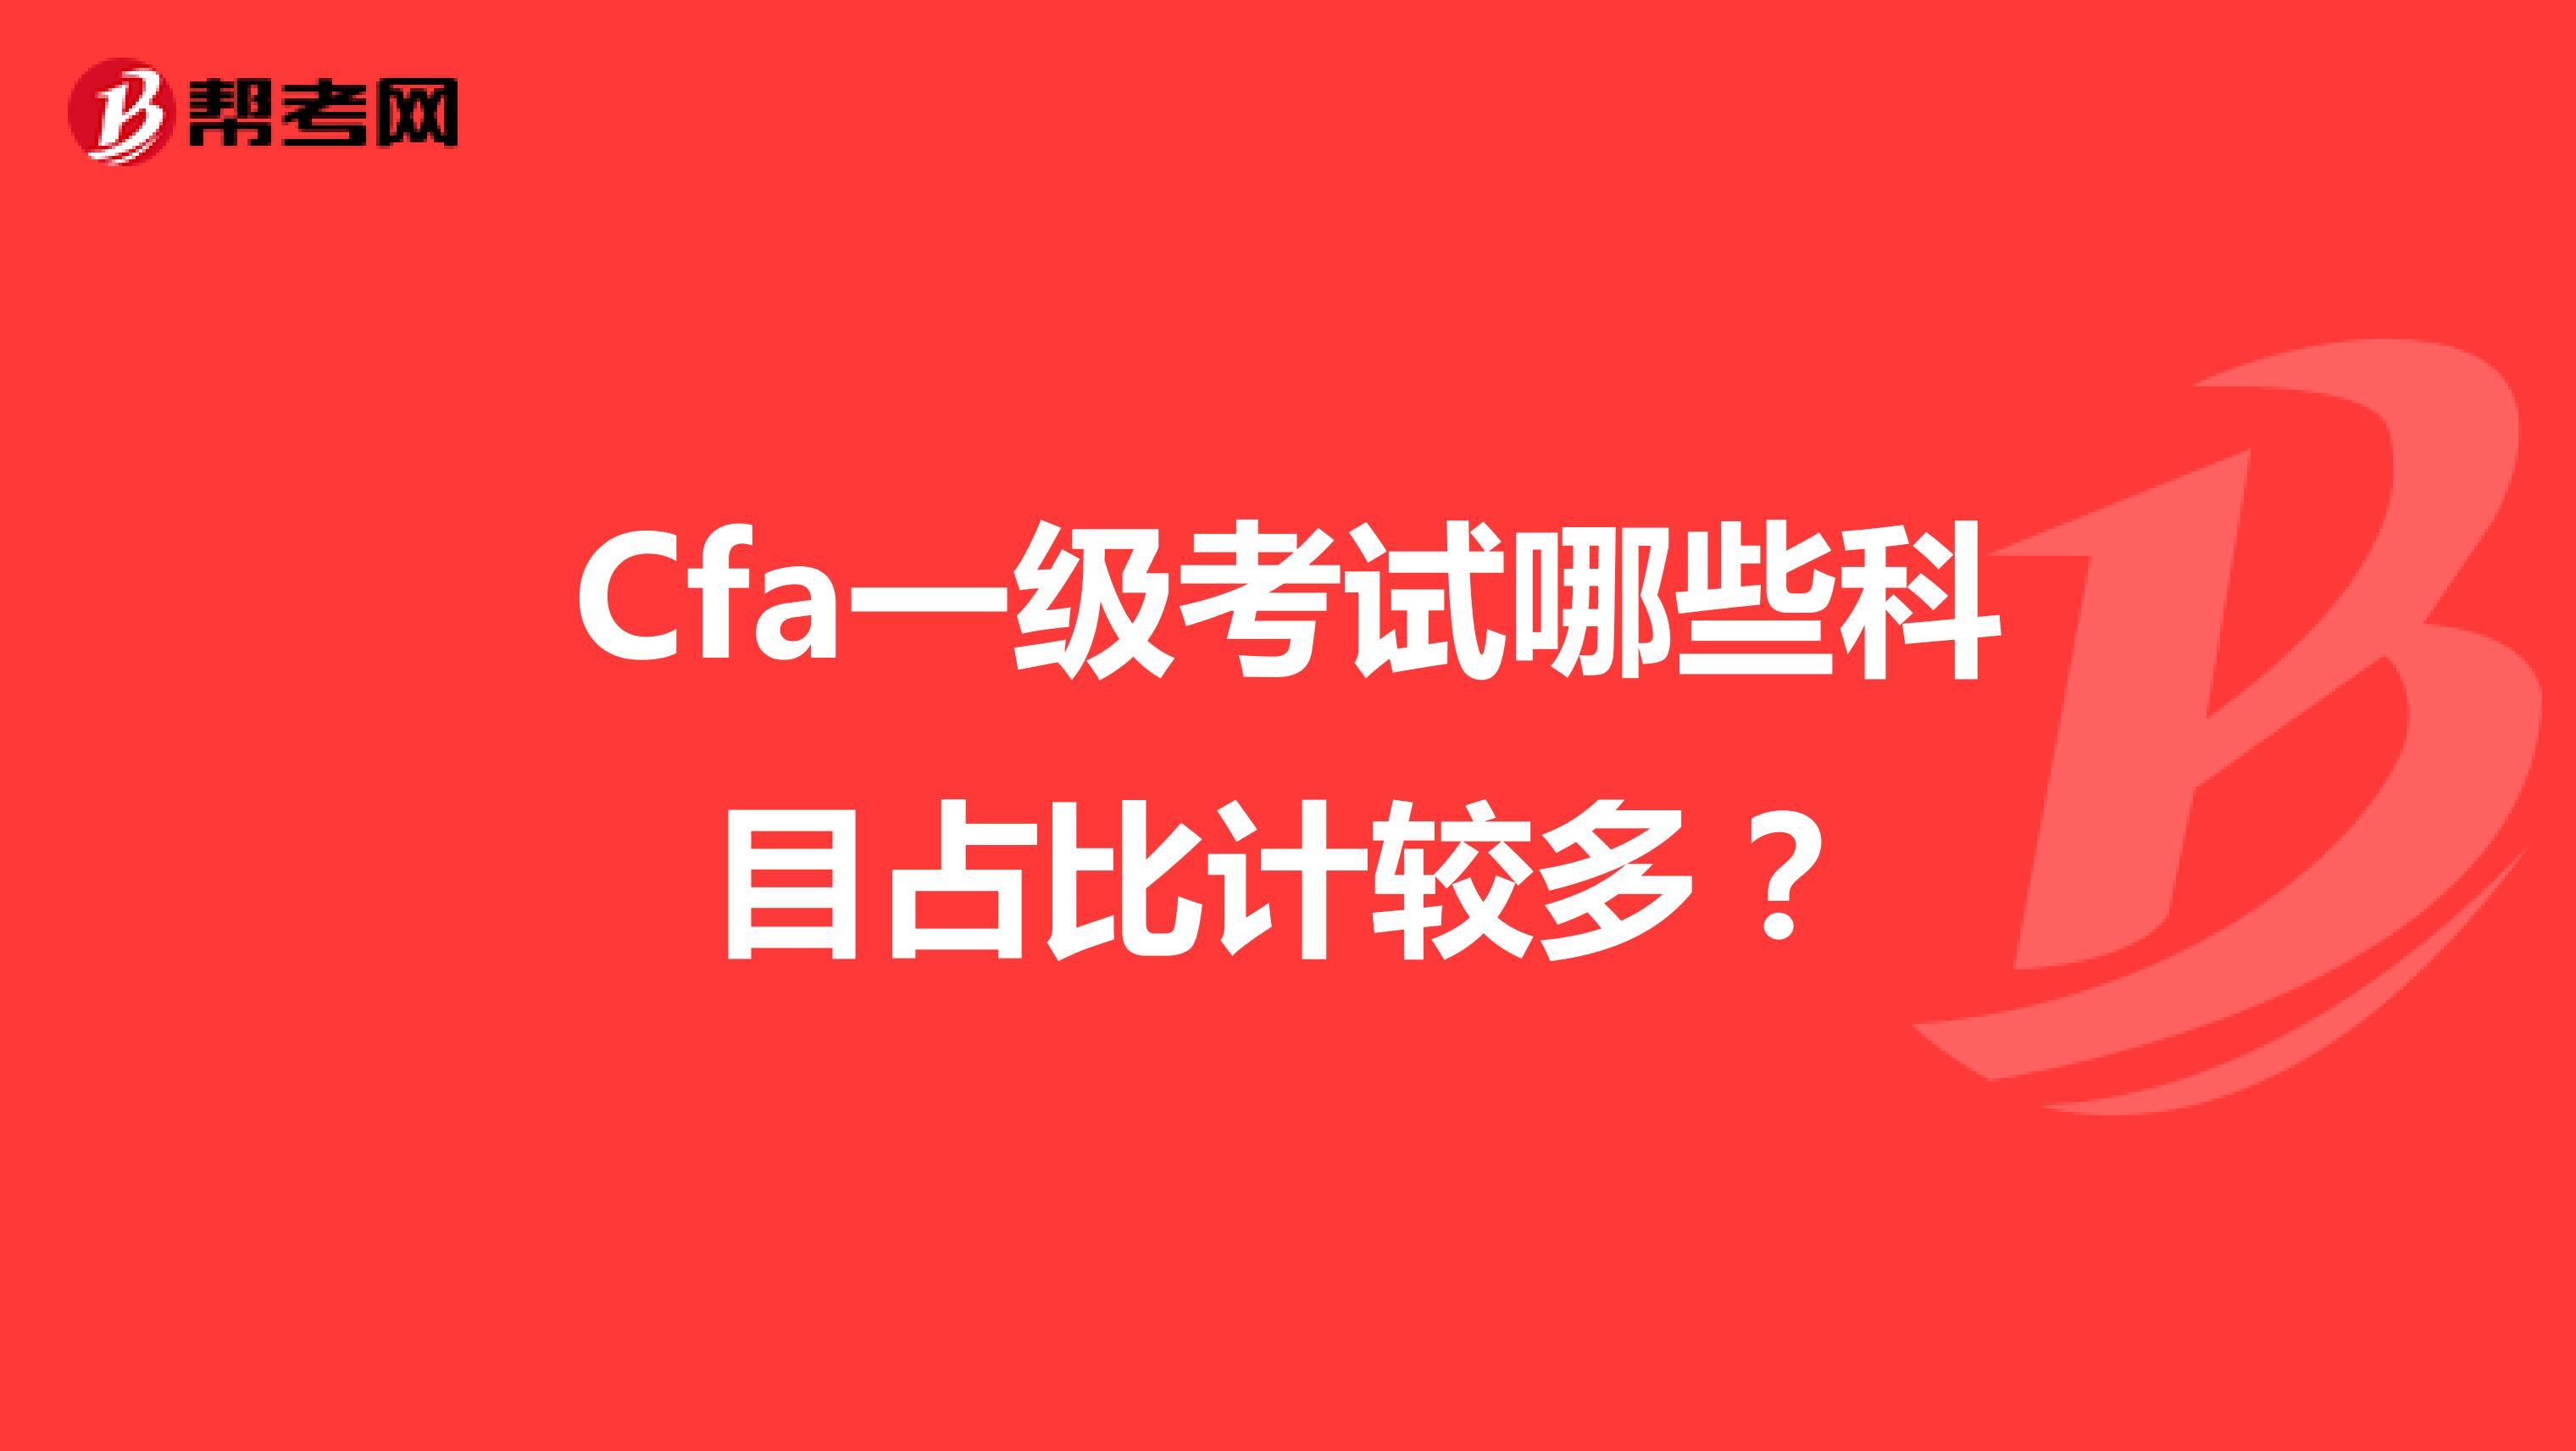 Cfa一级考试哪些科目占比计较多?